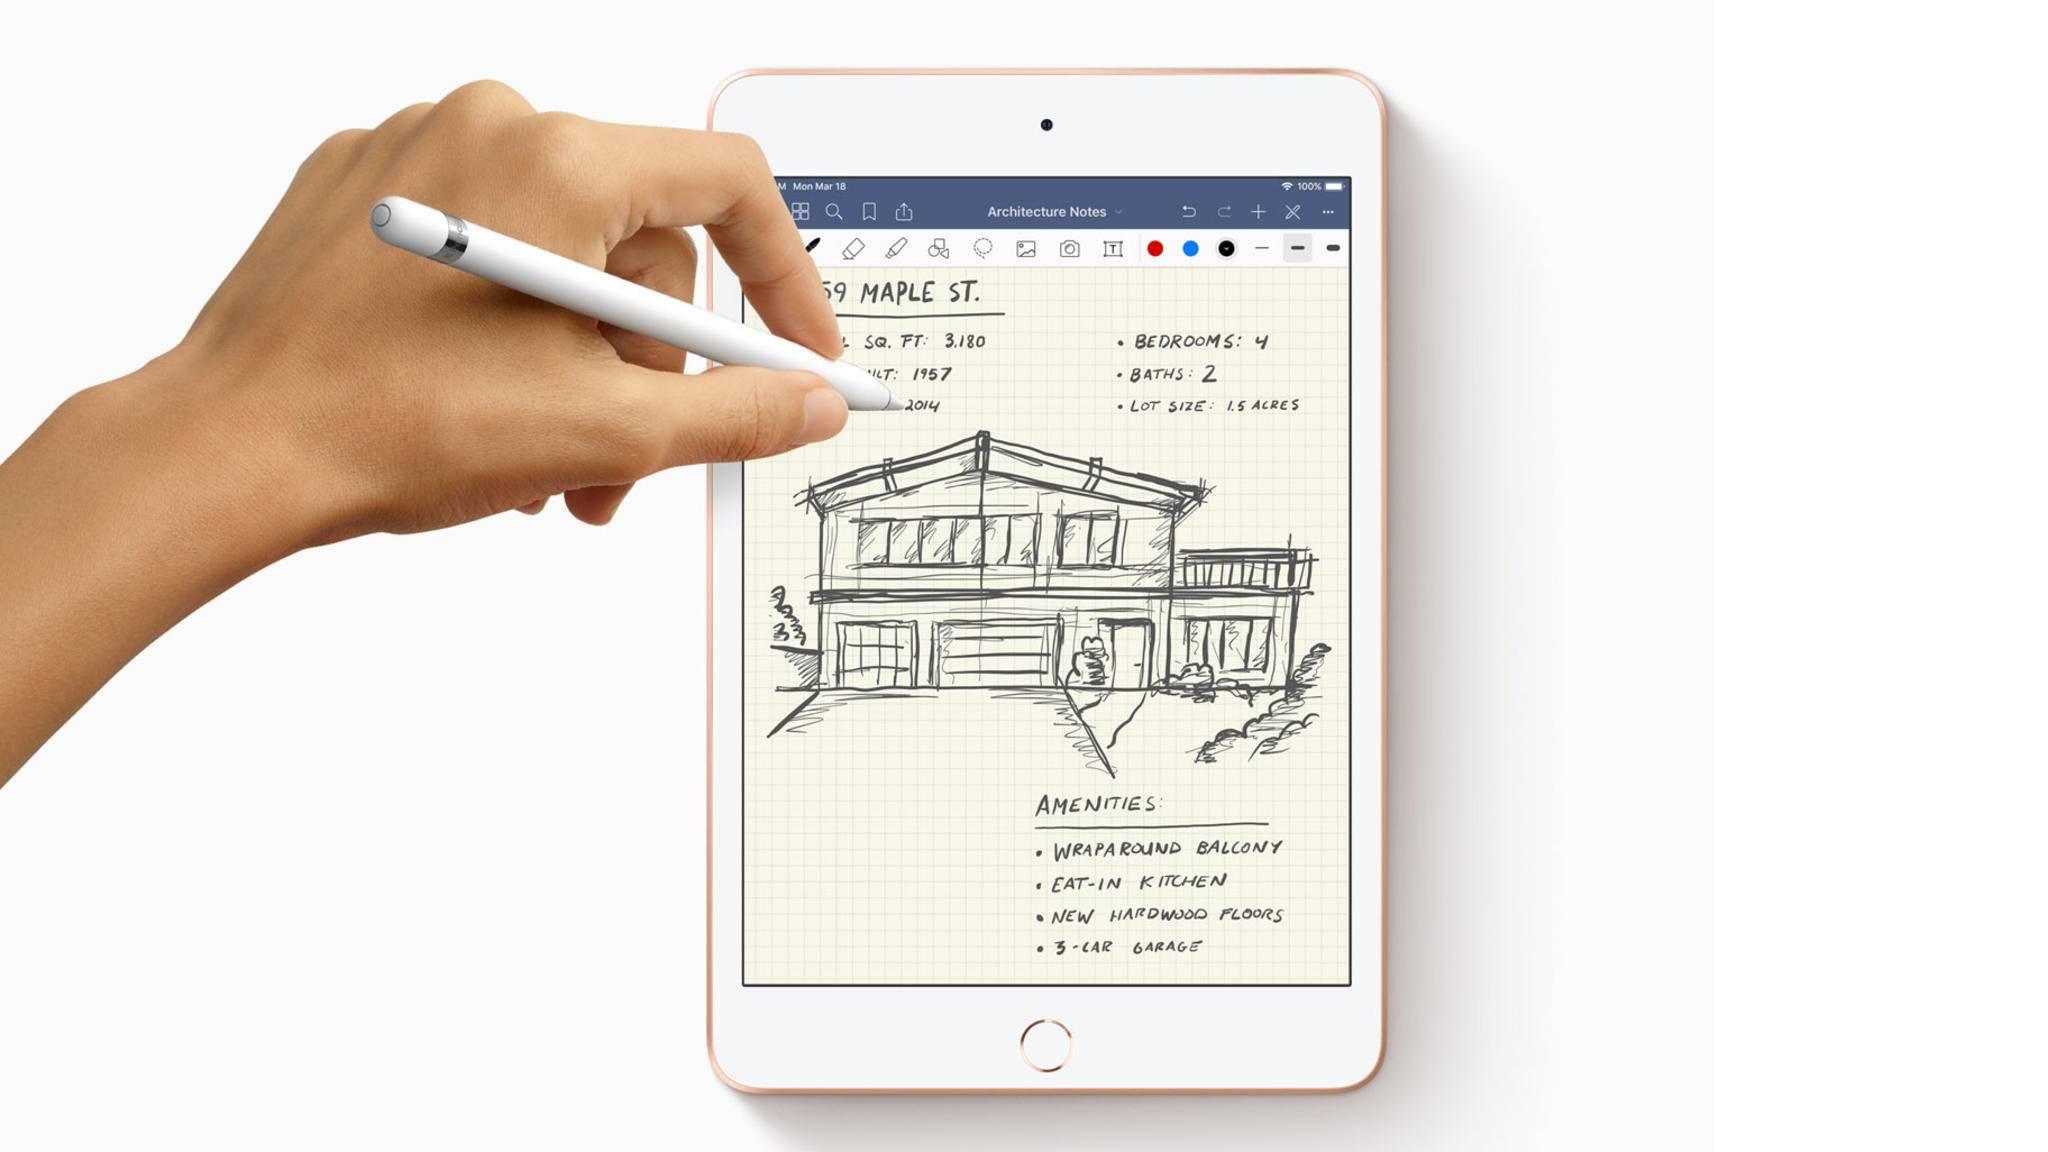 Das neue iPad mini 5 ist seit Kurzem erhältlich.